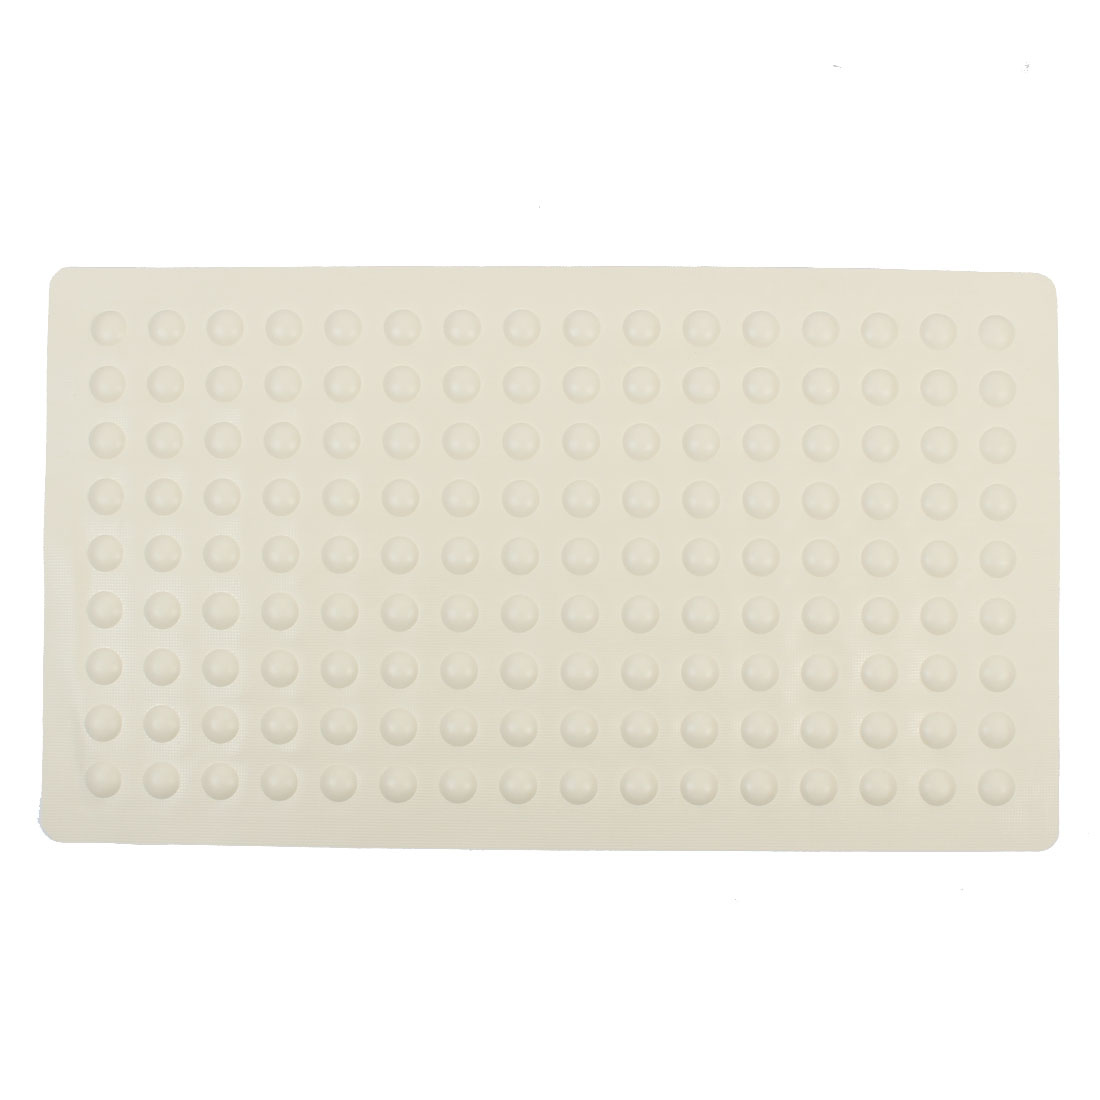 uxcell gym salle de bains htel en caoutchouc grande bulle de massage antidrapant tapis de bain beige 40 cm x 70 cm - Tapie Salle De Bain Aliexpress